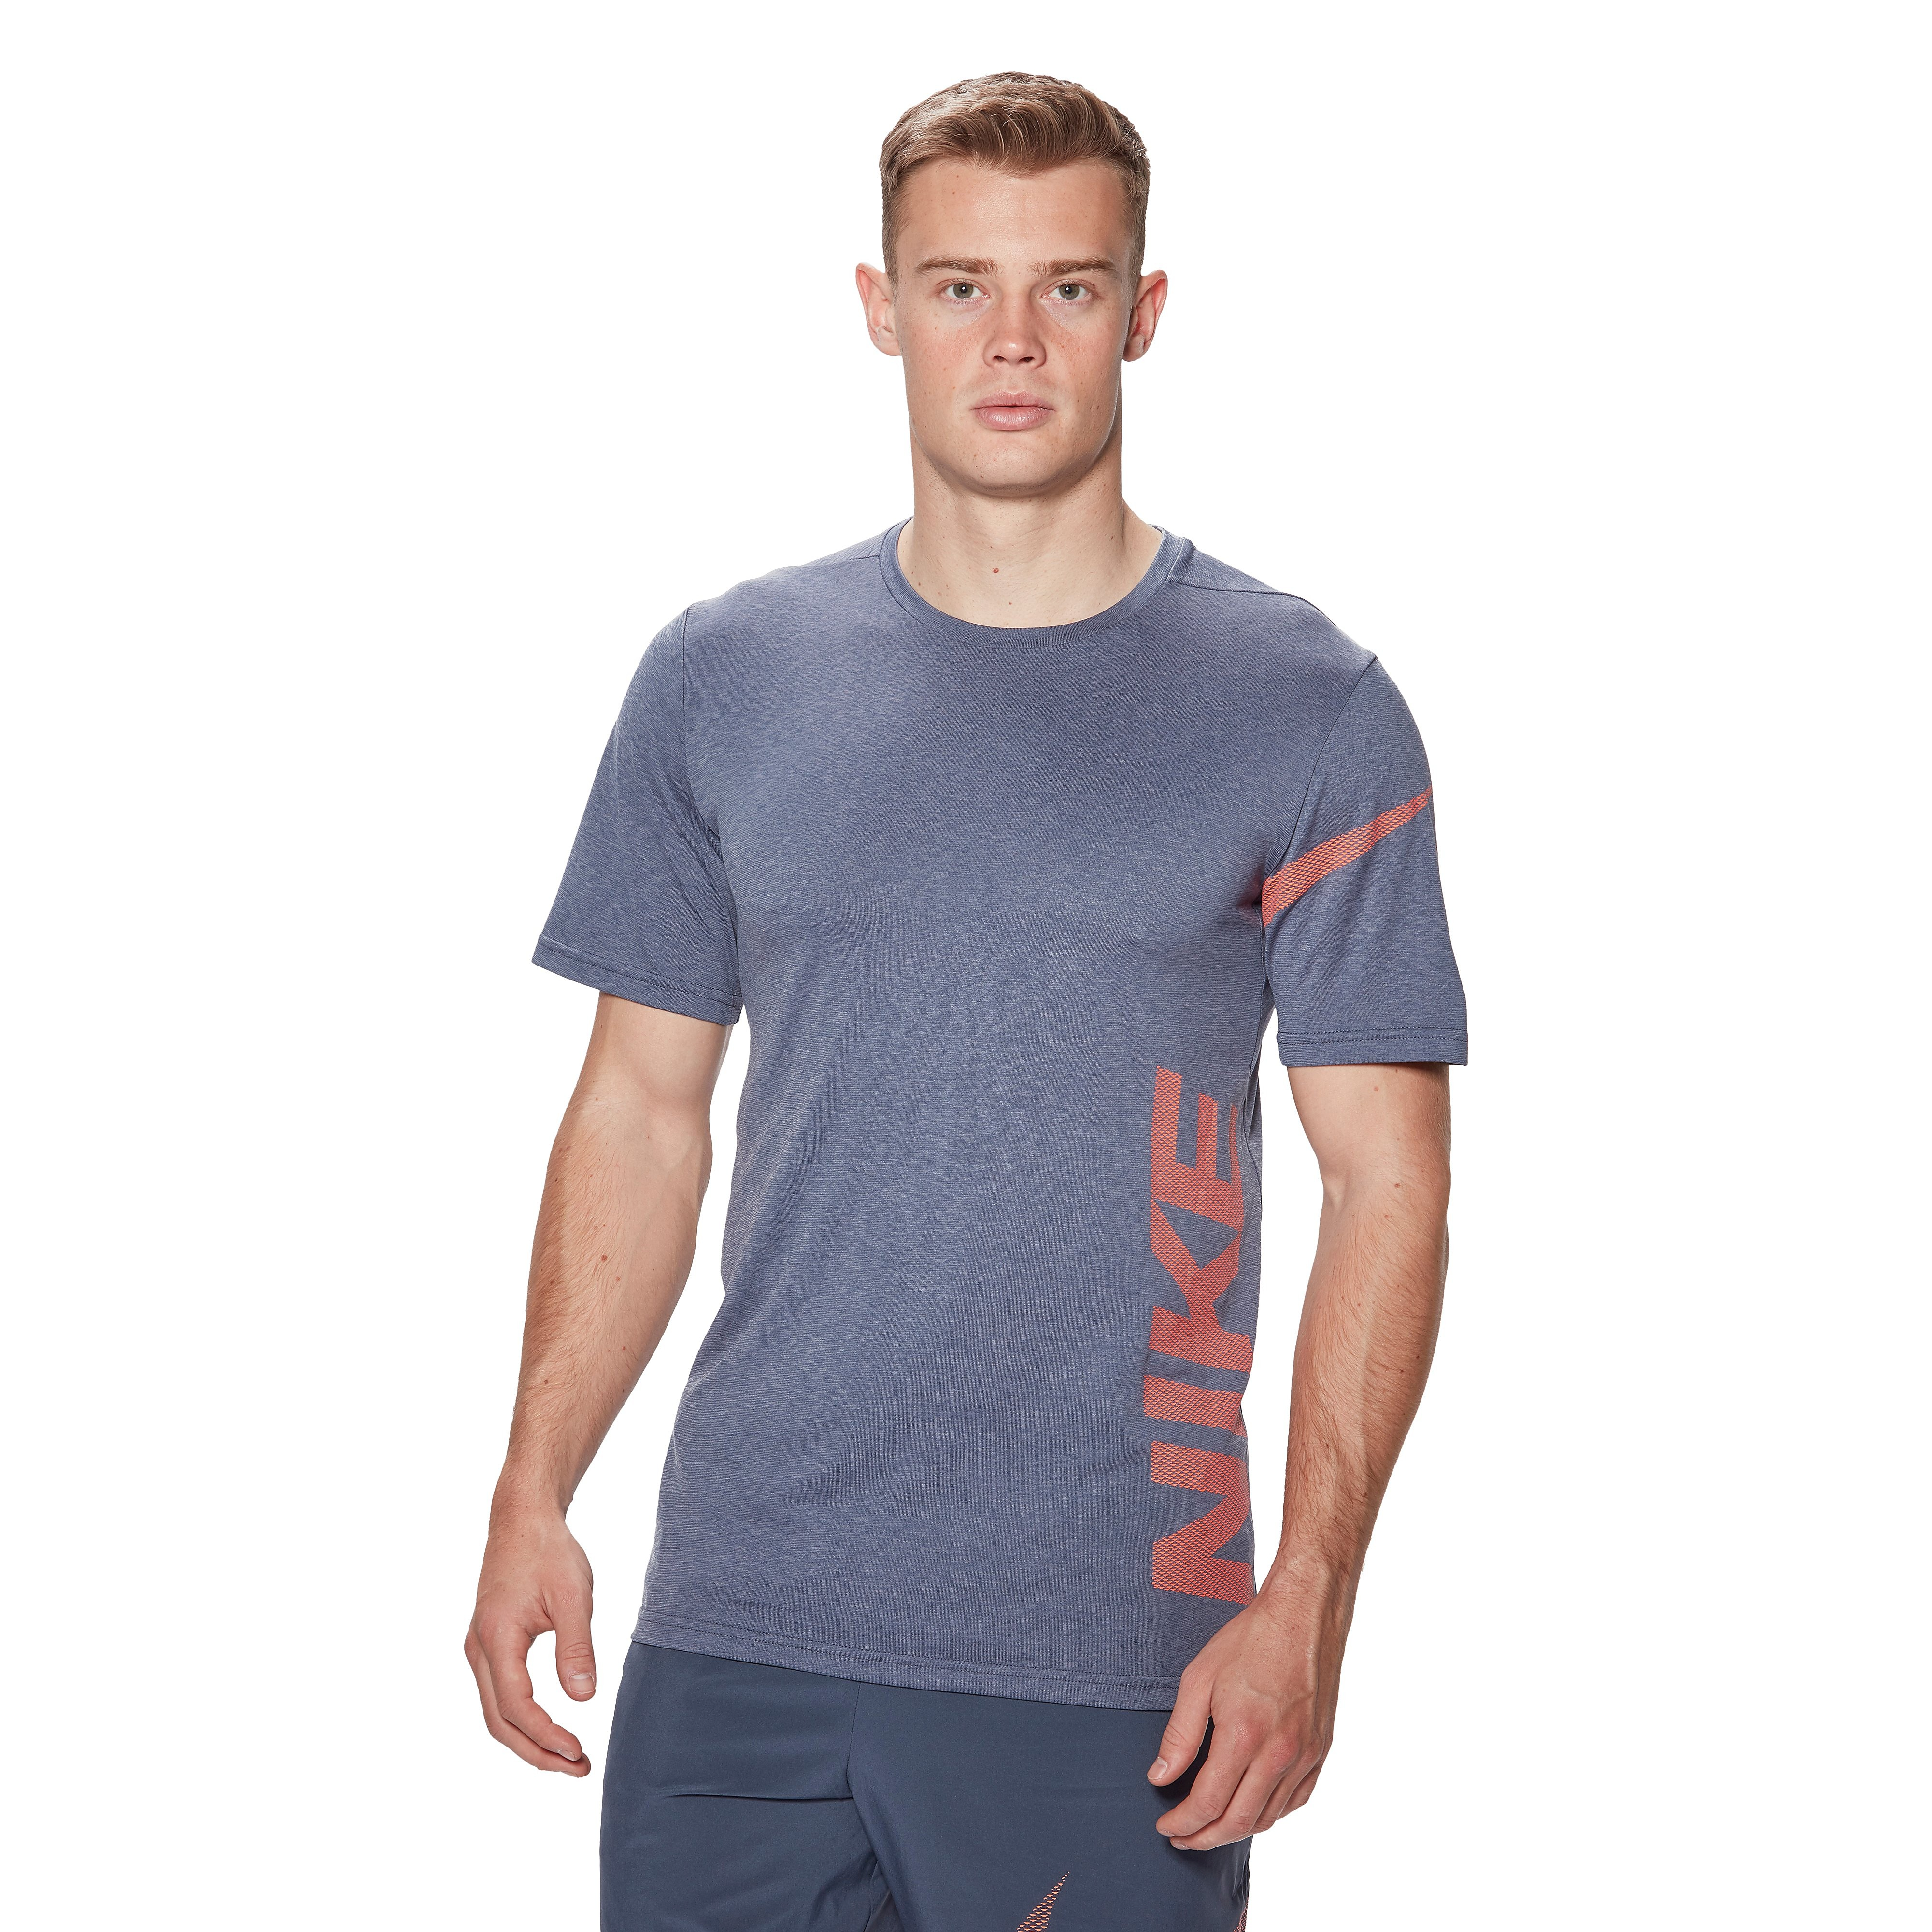 Nike Breathe HyperDry Men's Training T-Shirt